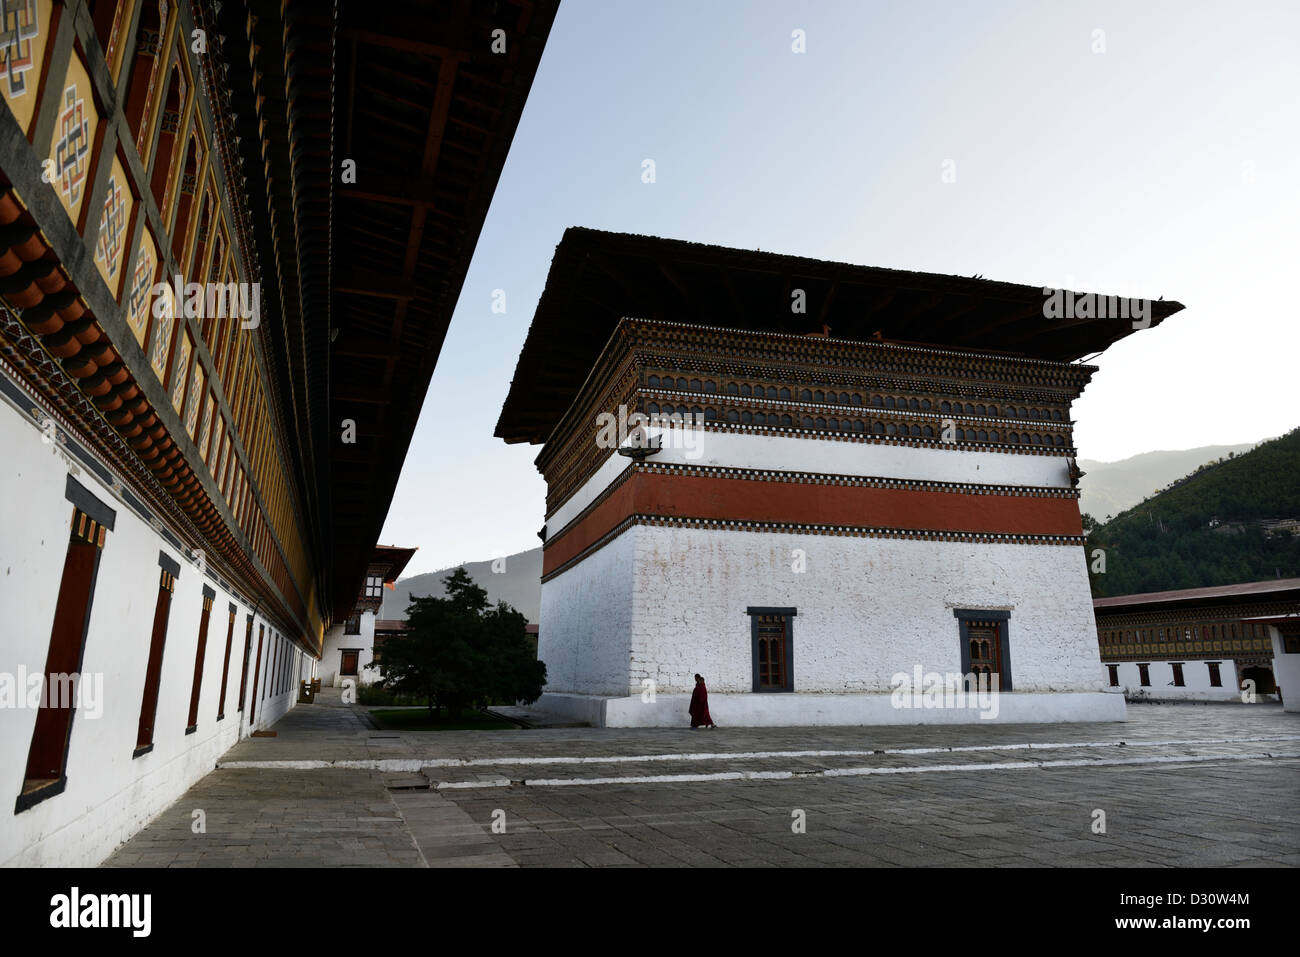 Monk promenades à travers cour chodzong à tashi dzong, forteresse de la glorieuse religion,Bhoutan,36MPX Photo Stock